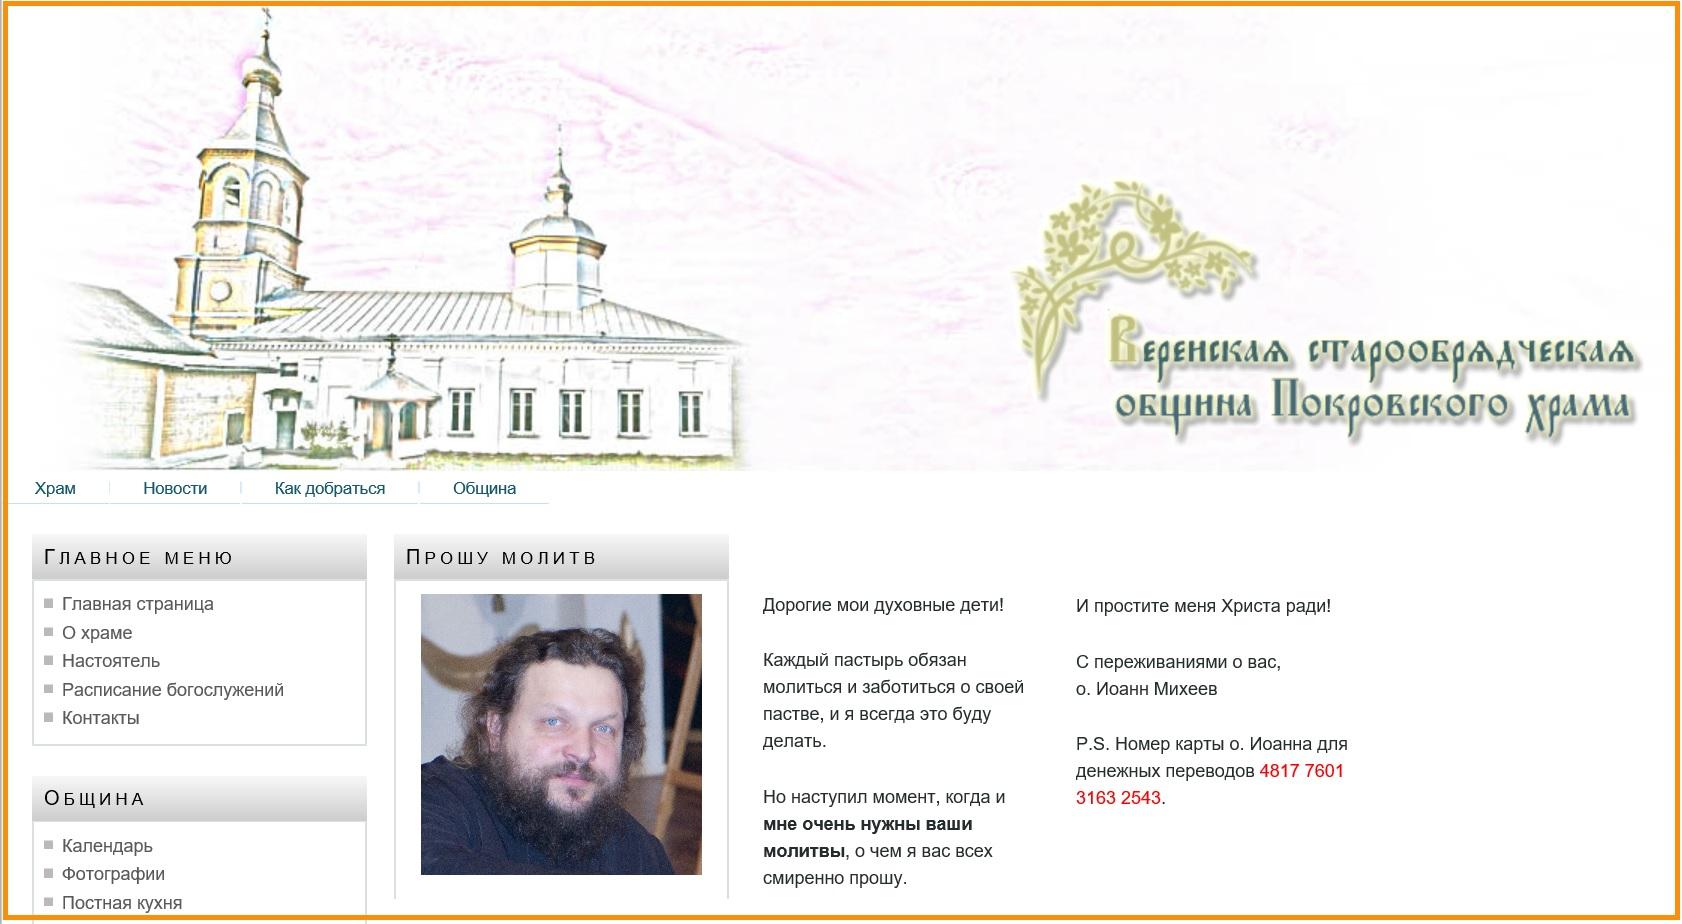 О. Иоанн Михеев, Верея, митрополия, старообрядцы, просьба, помощь, добрые дела, молитва